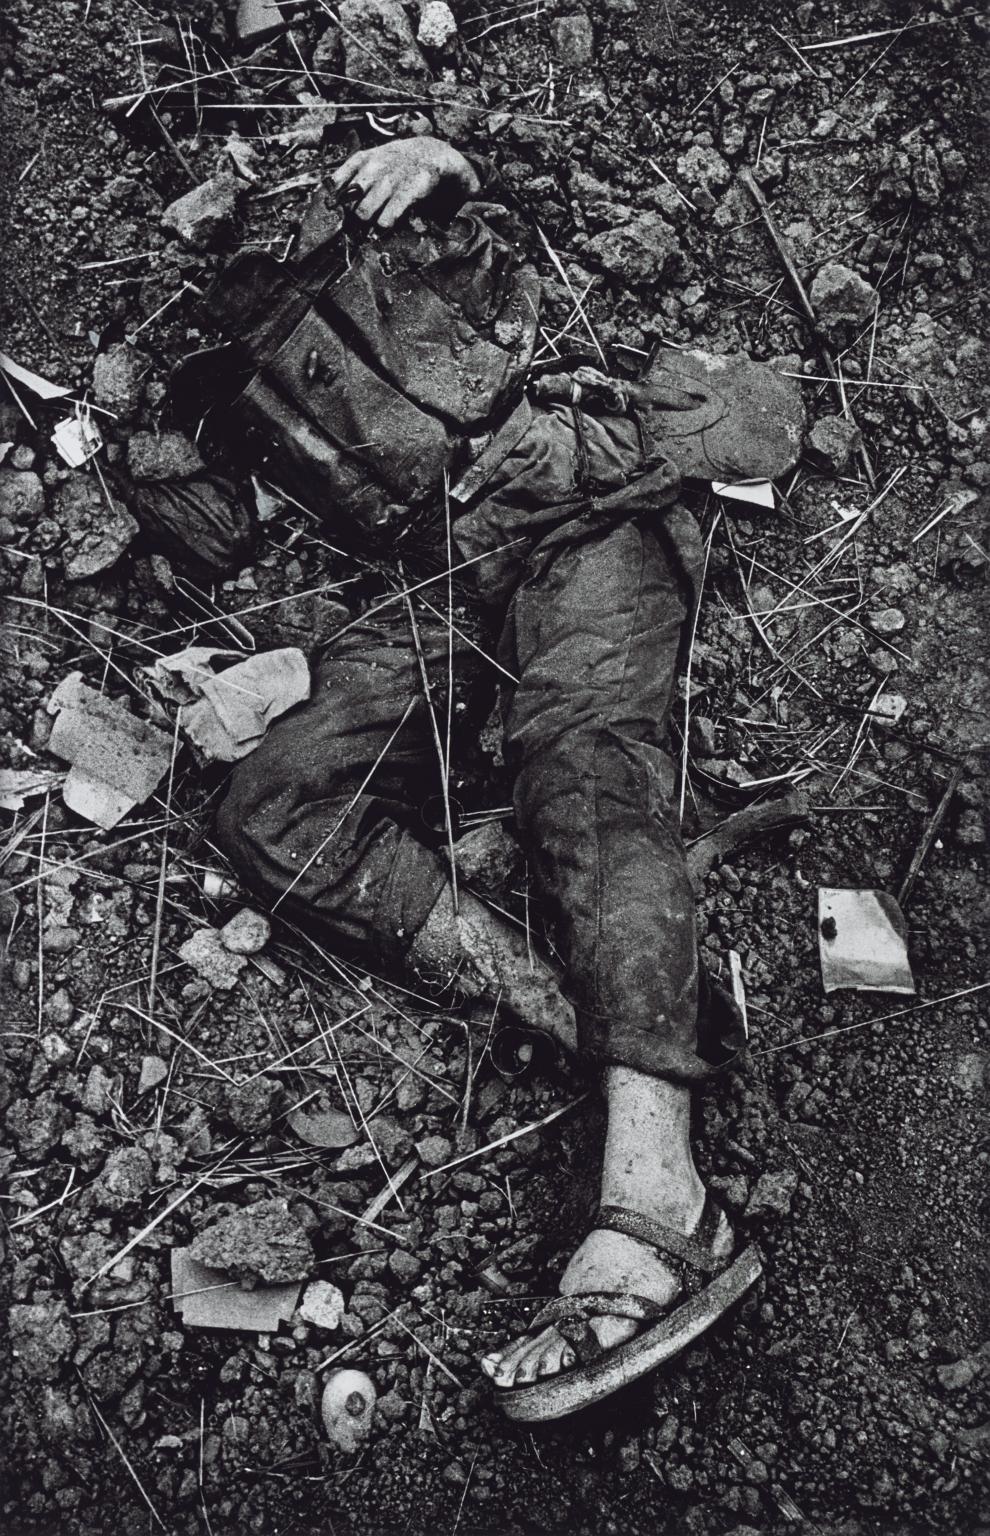 Halott észak-vietnami katona